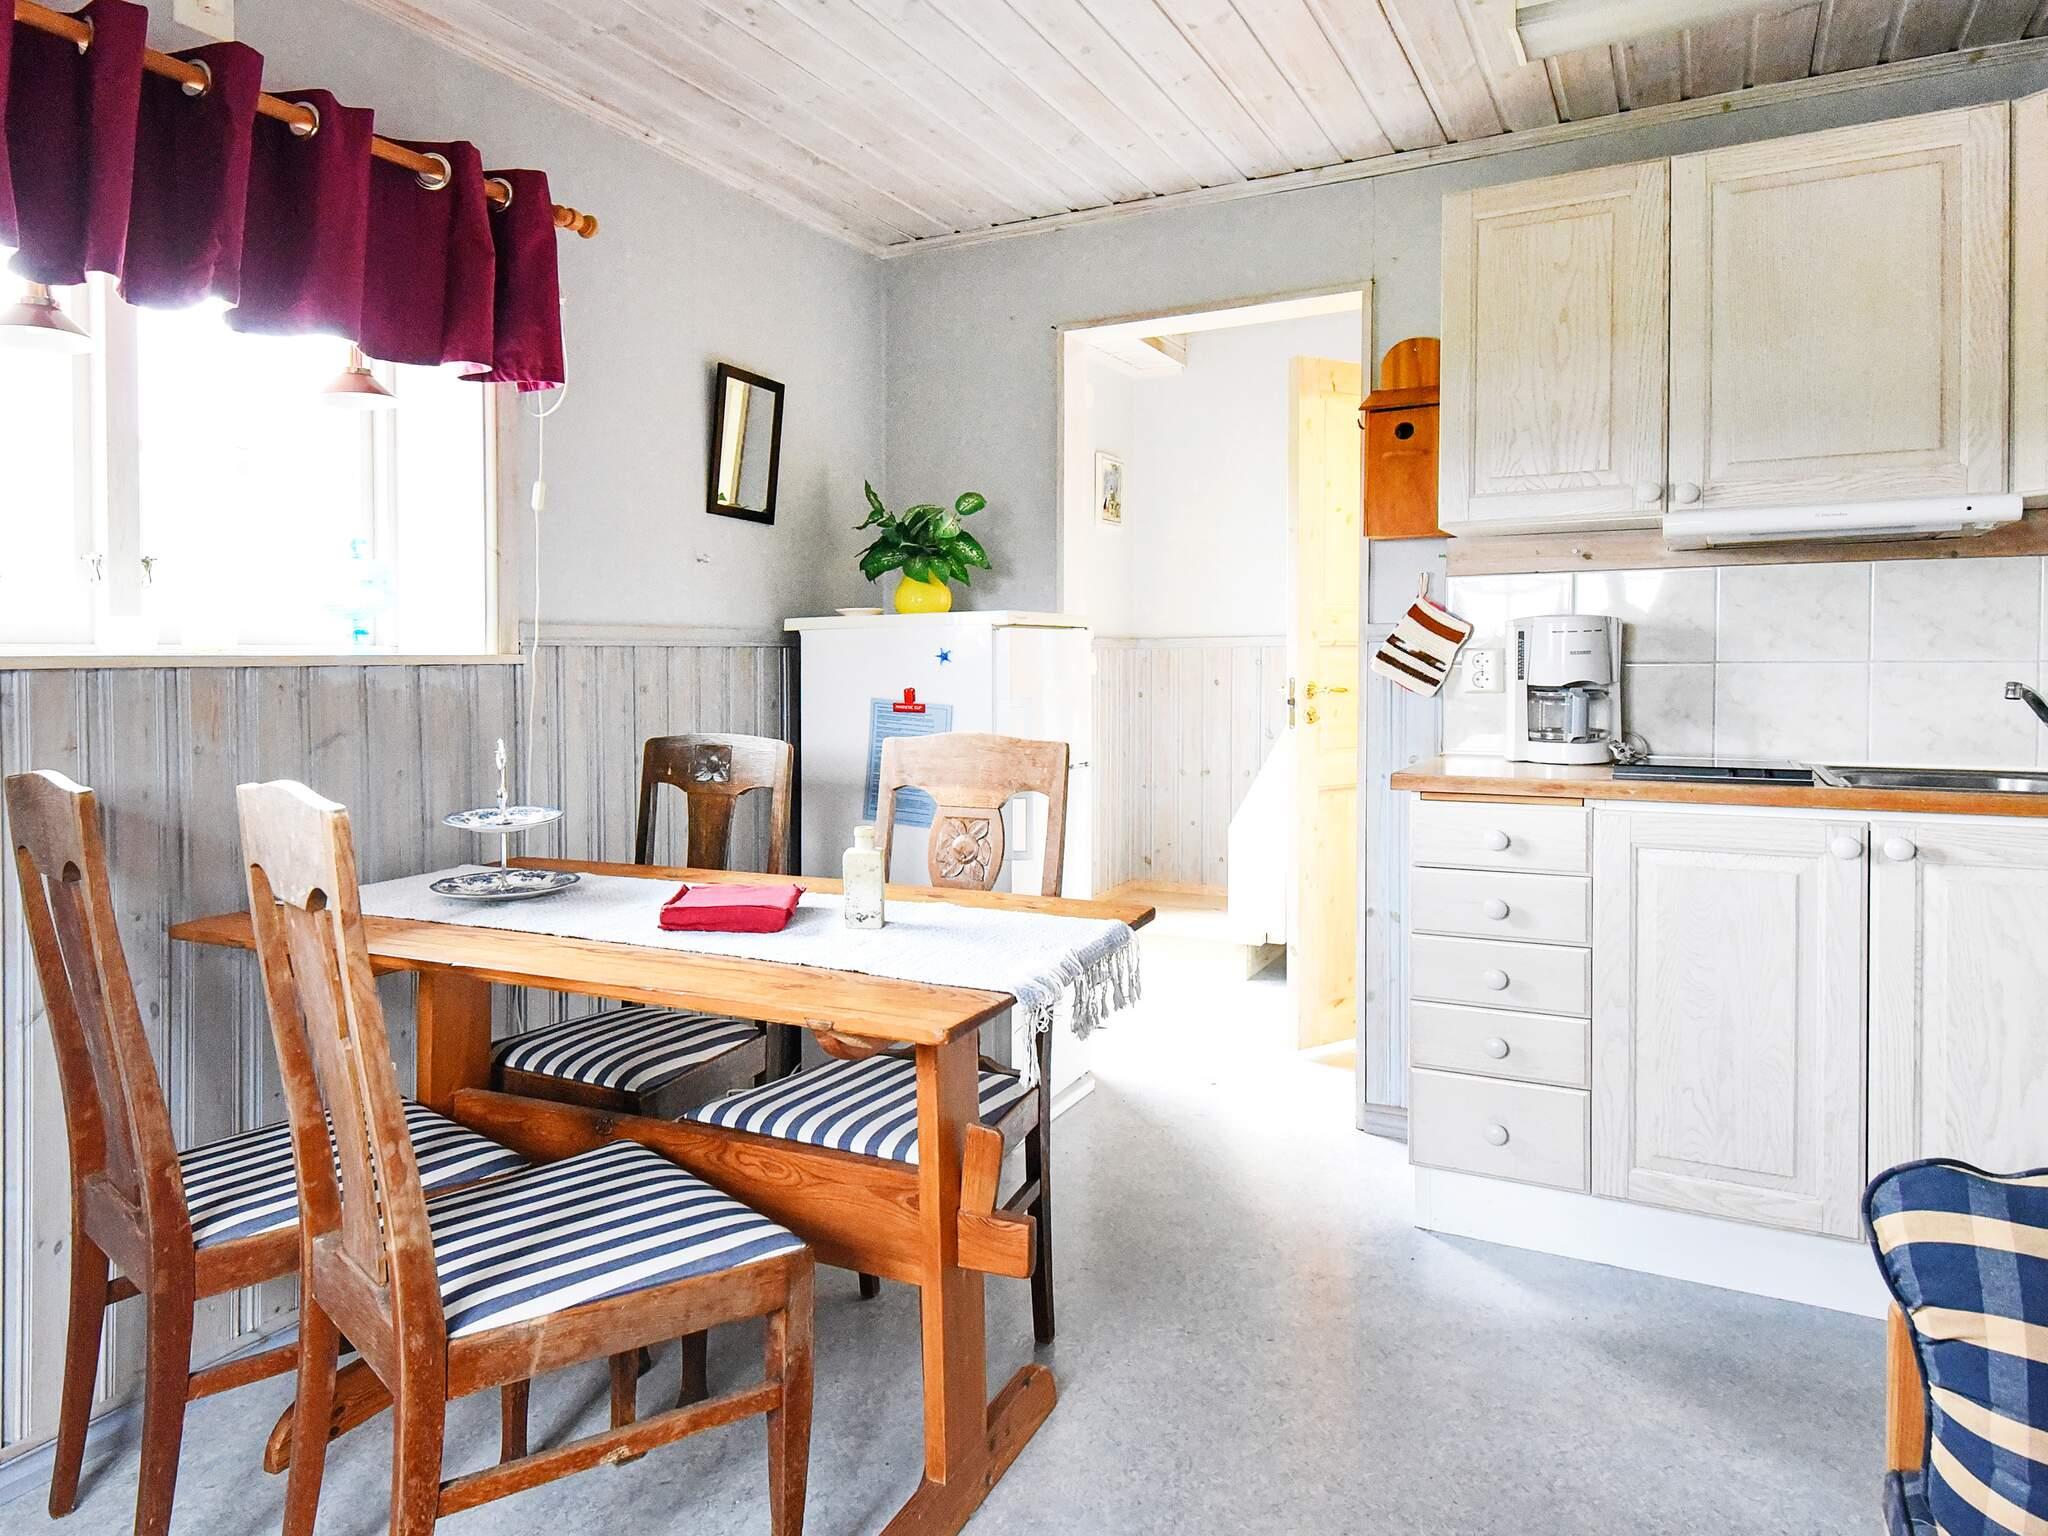 Ferienhaus Årjäng (2636838), Årjäng, Värmlands län, Mittelschweden, Schweden, Bild 2